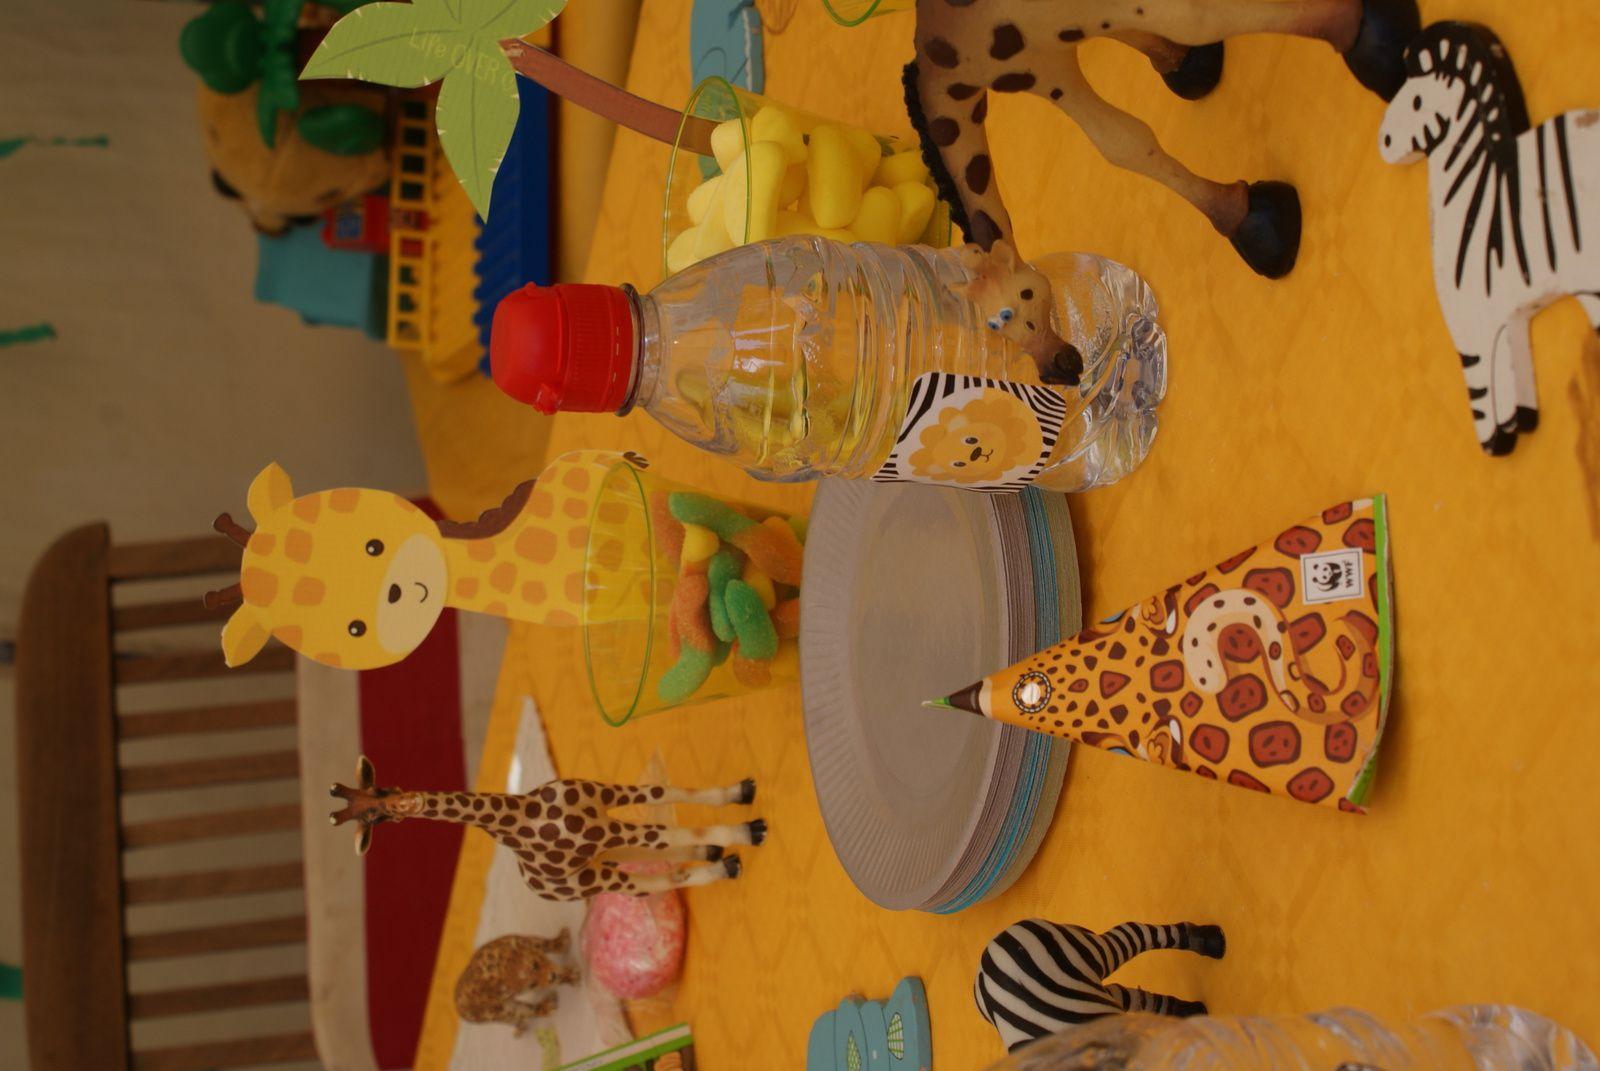 bouteille d eau avec une vignette scotché dessus chaques enfants à choisi son animal et avait sa bouteille perso. En premier plan compote en forme de berlingot décoré animaux savane